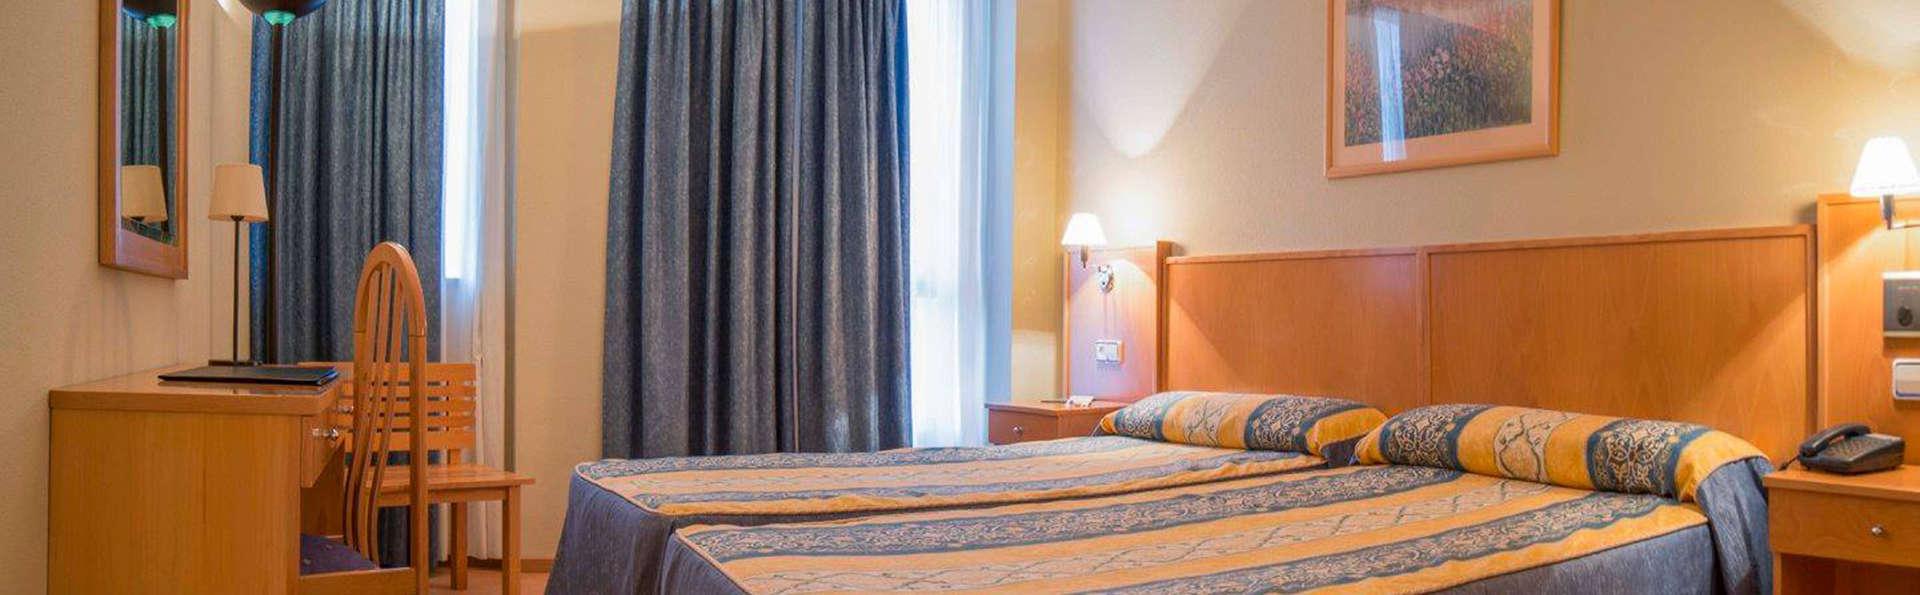 Hotel Castelao - EDIT_room7.jpg